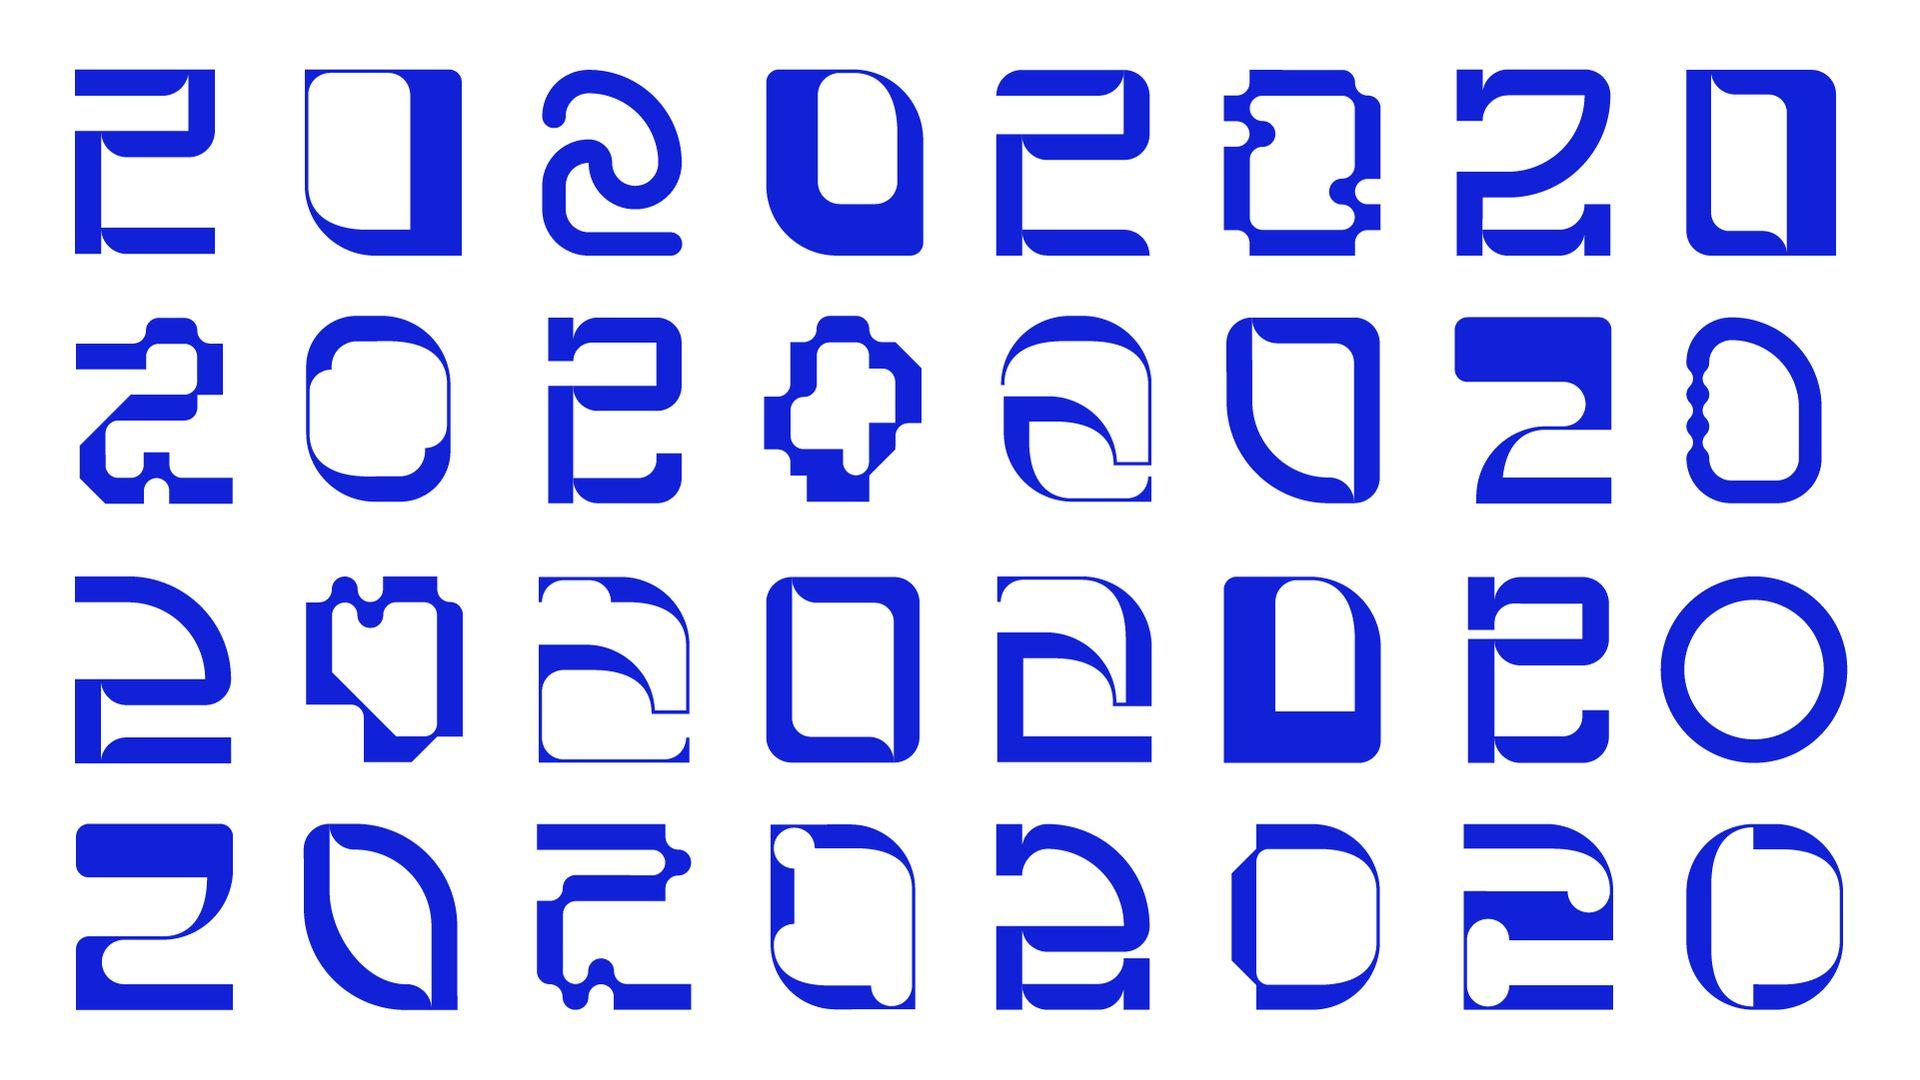 Glyph set of RCA2020 Logos